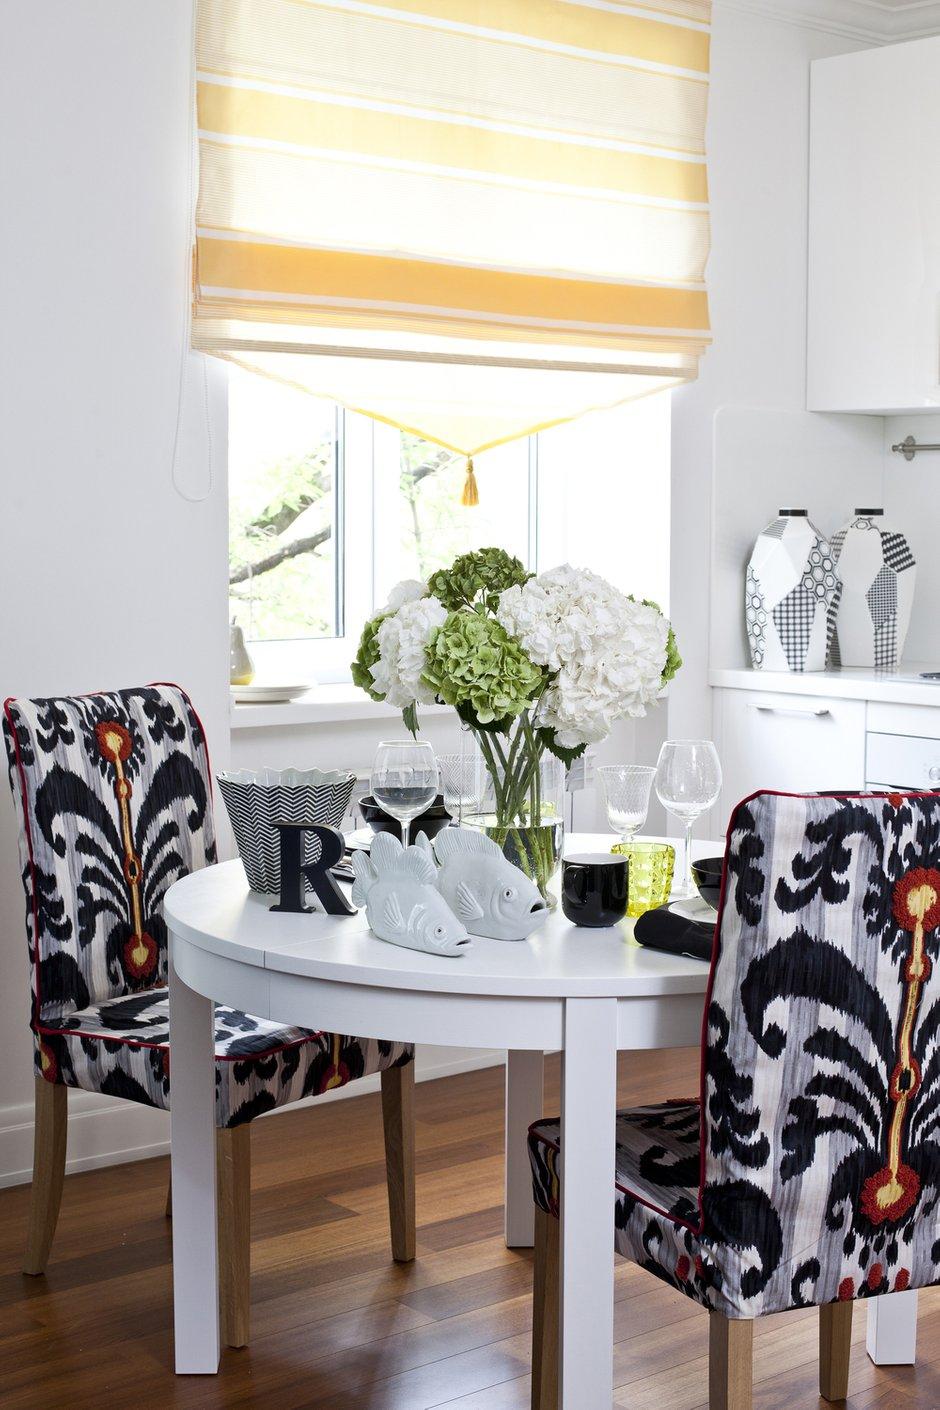 Фотография: Кухня и столовая в стиле Скандинавский, Современный, Декор интерьера, Квартира, Дома и квартиры, IKEA – фото на INMYROOM